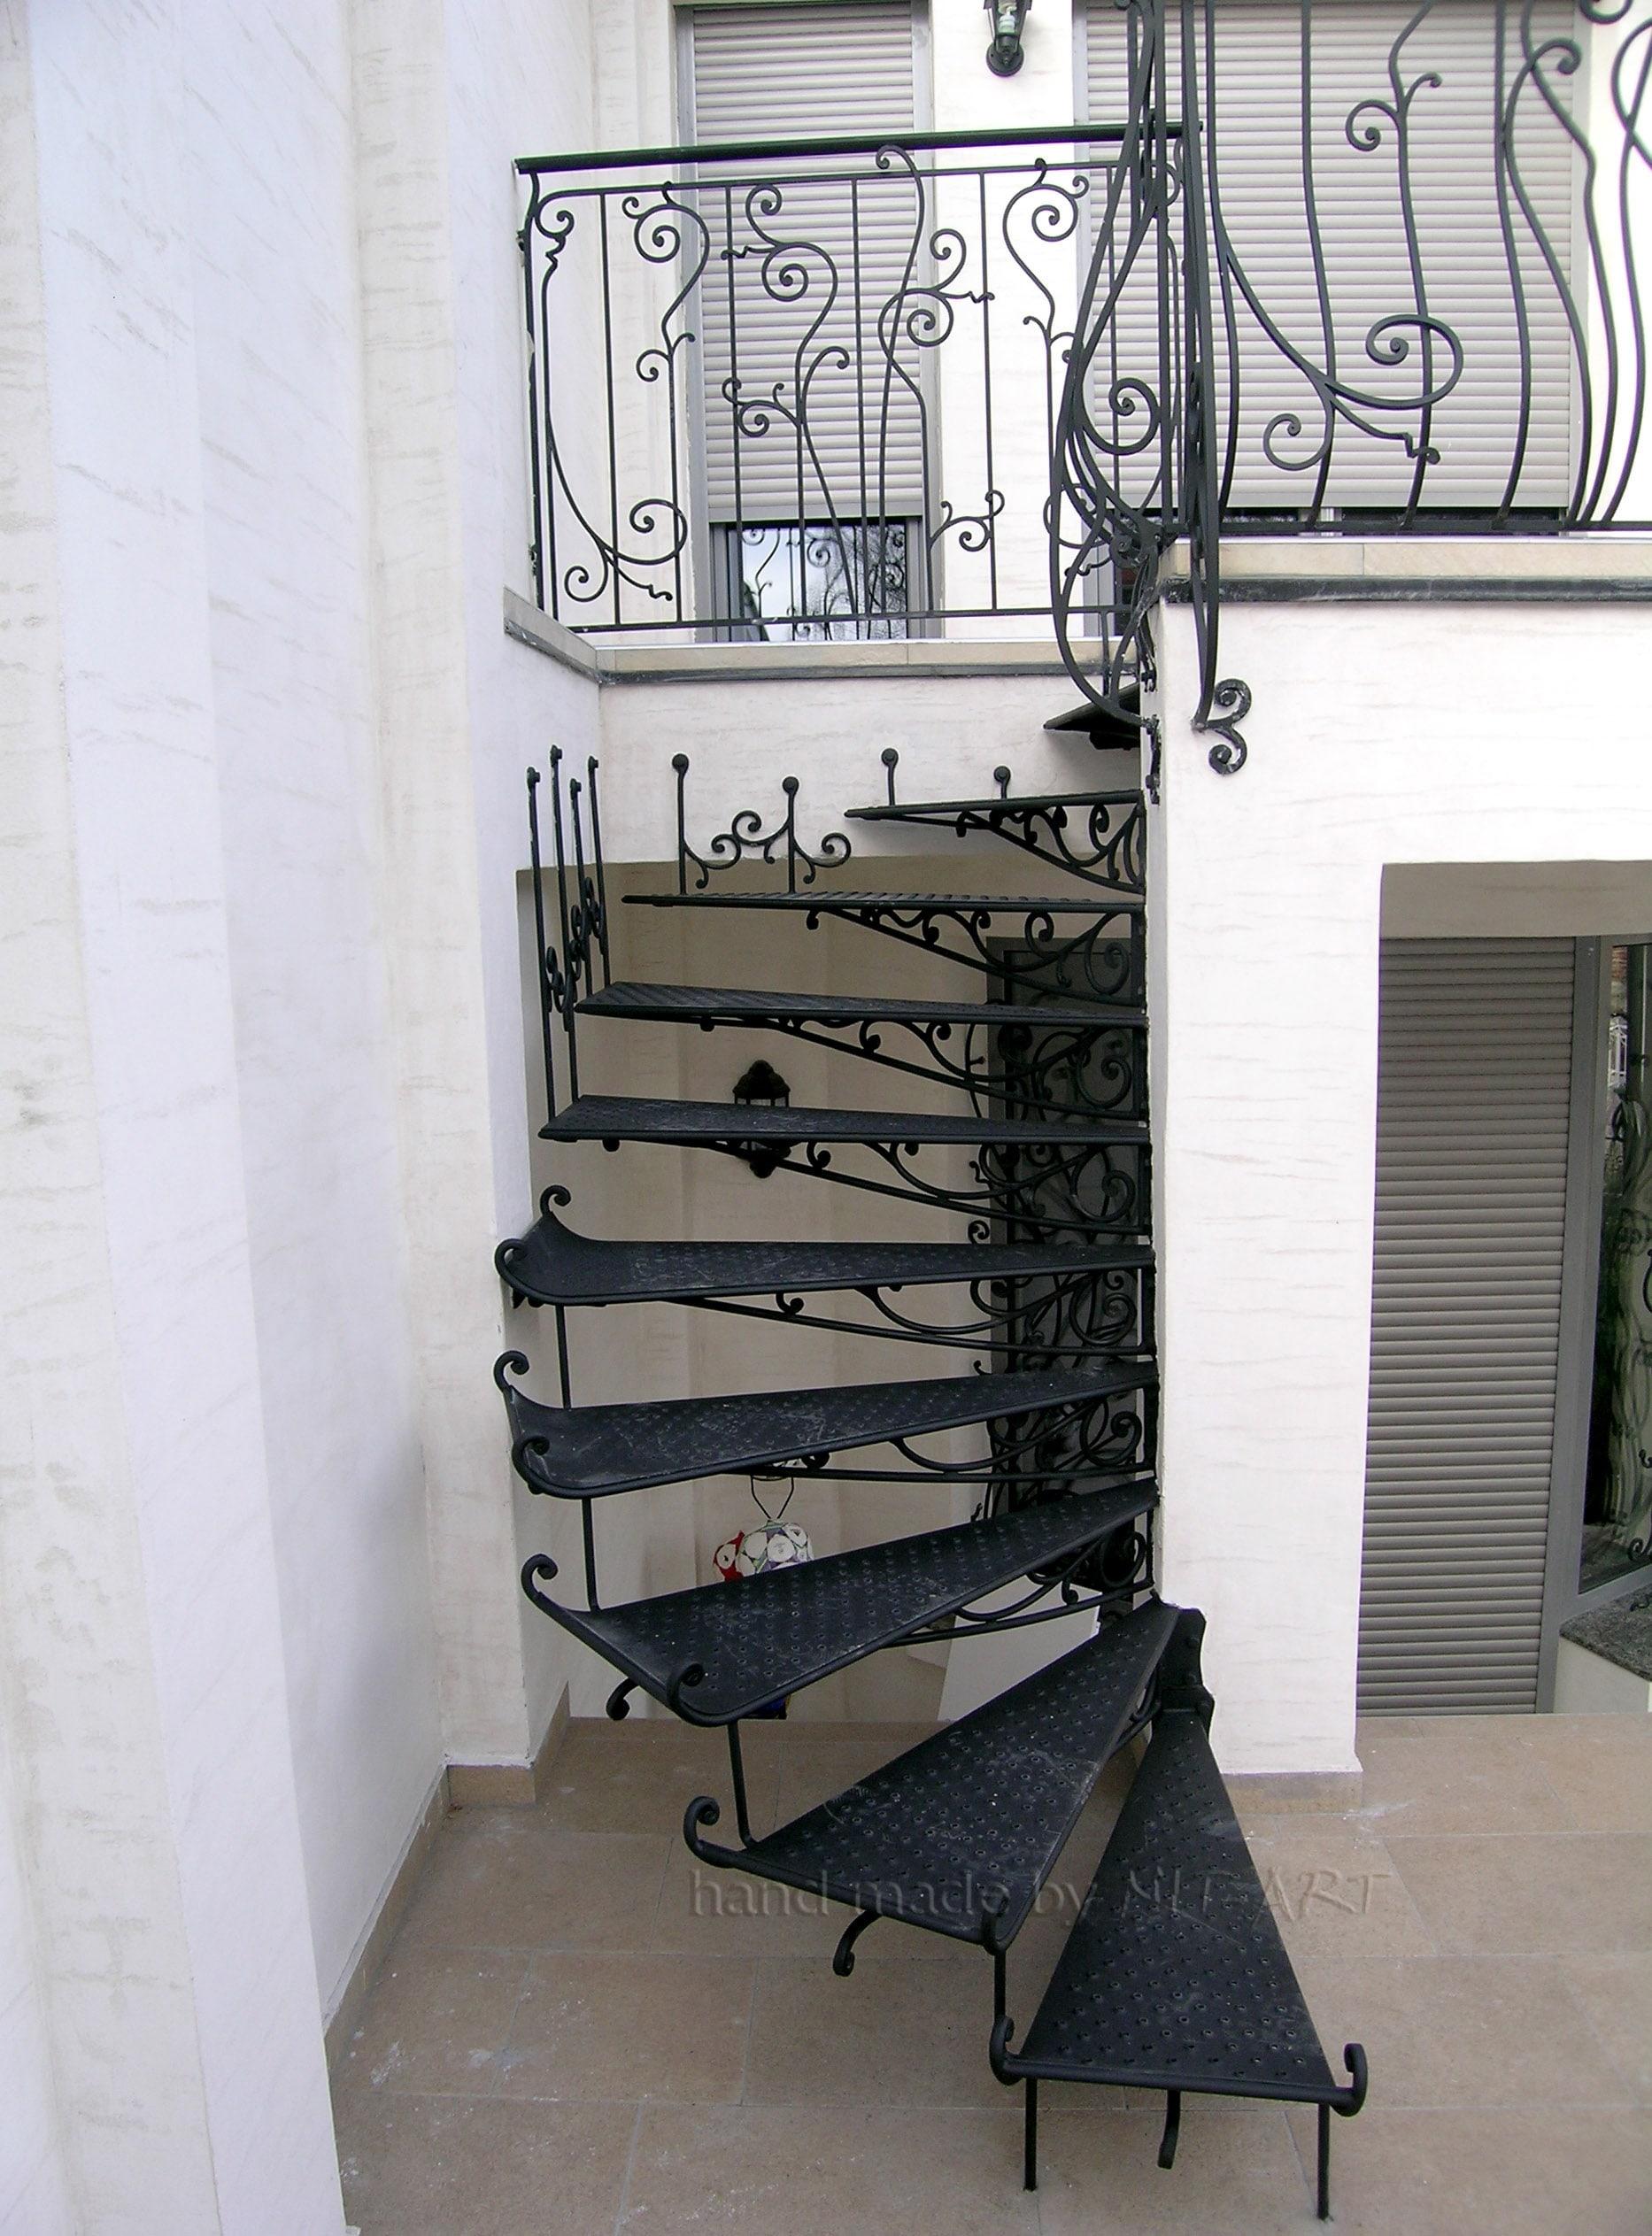 NIT-ART Kovano gvozdje stepenice